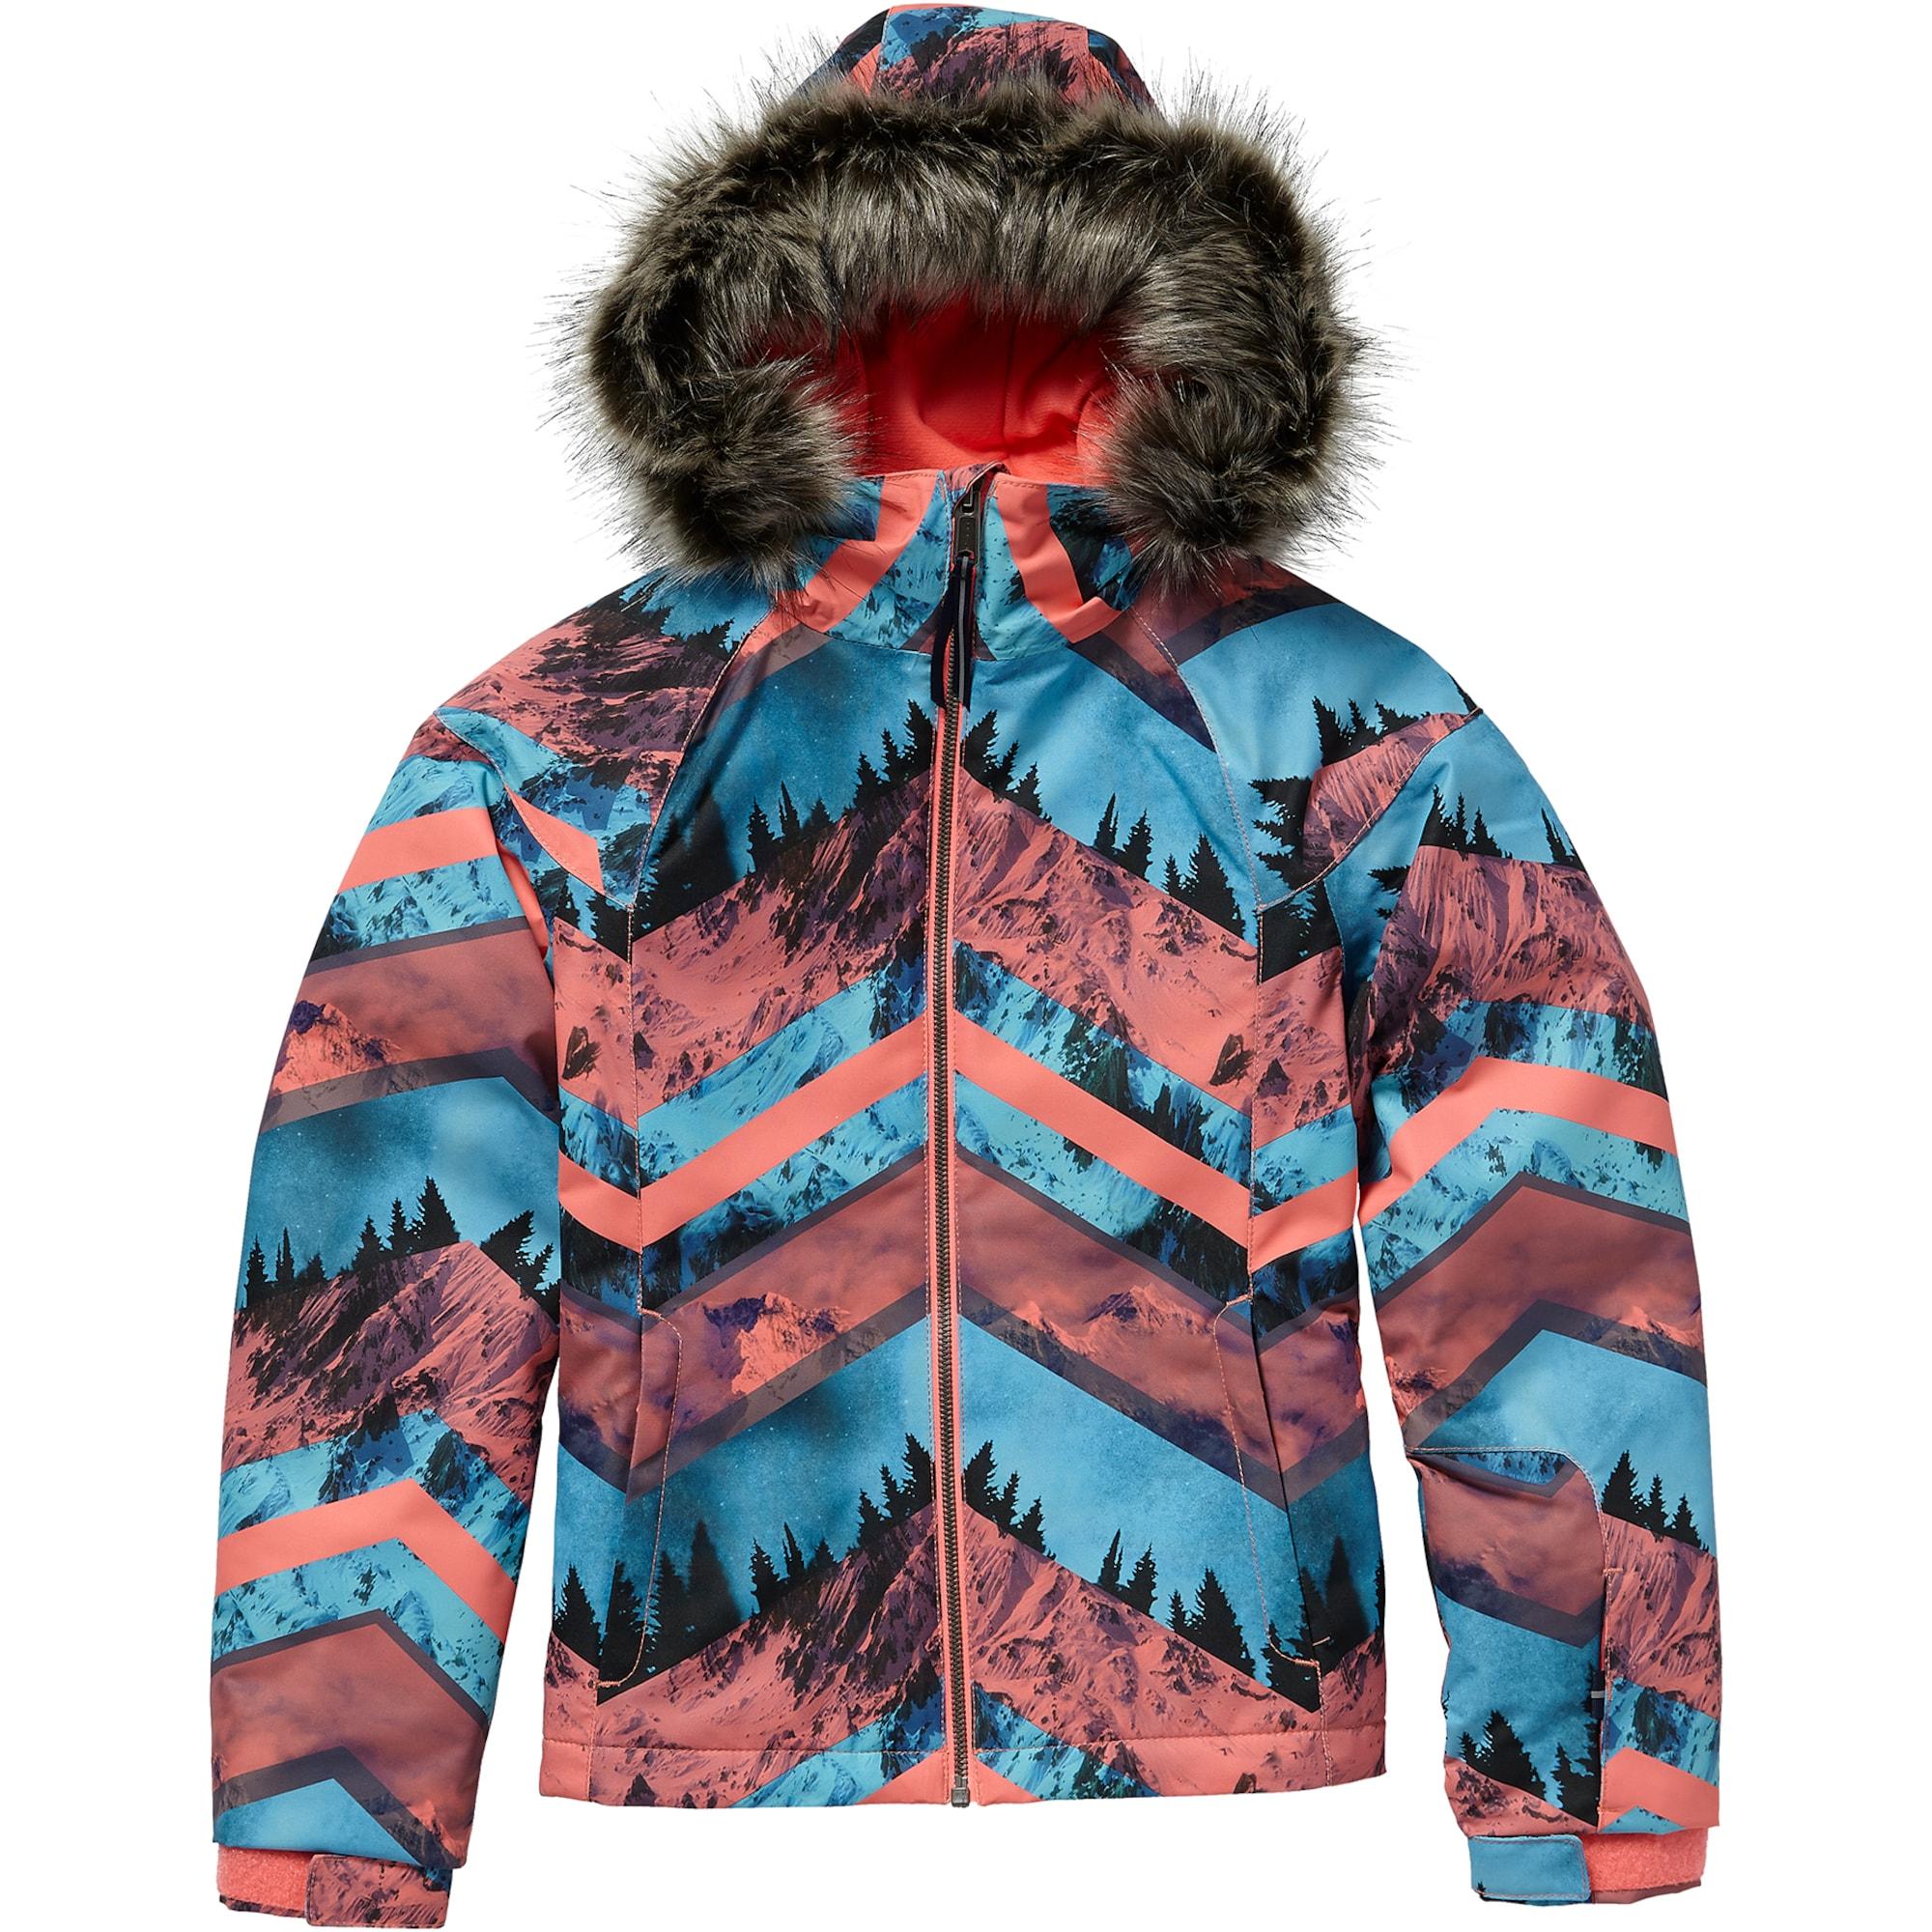 ONEILL Zimní bunda PG CURVE JACKET modrá korálová O'NEILL